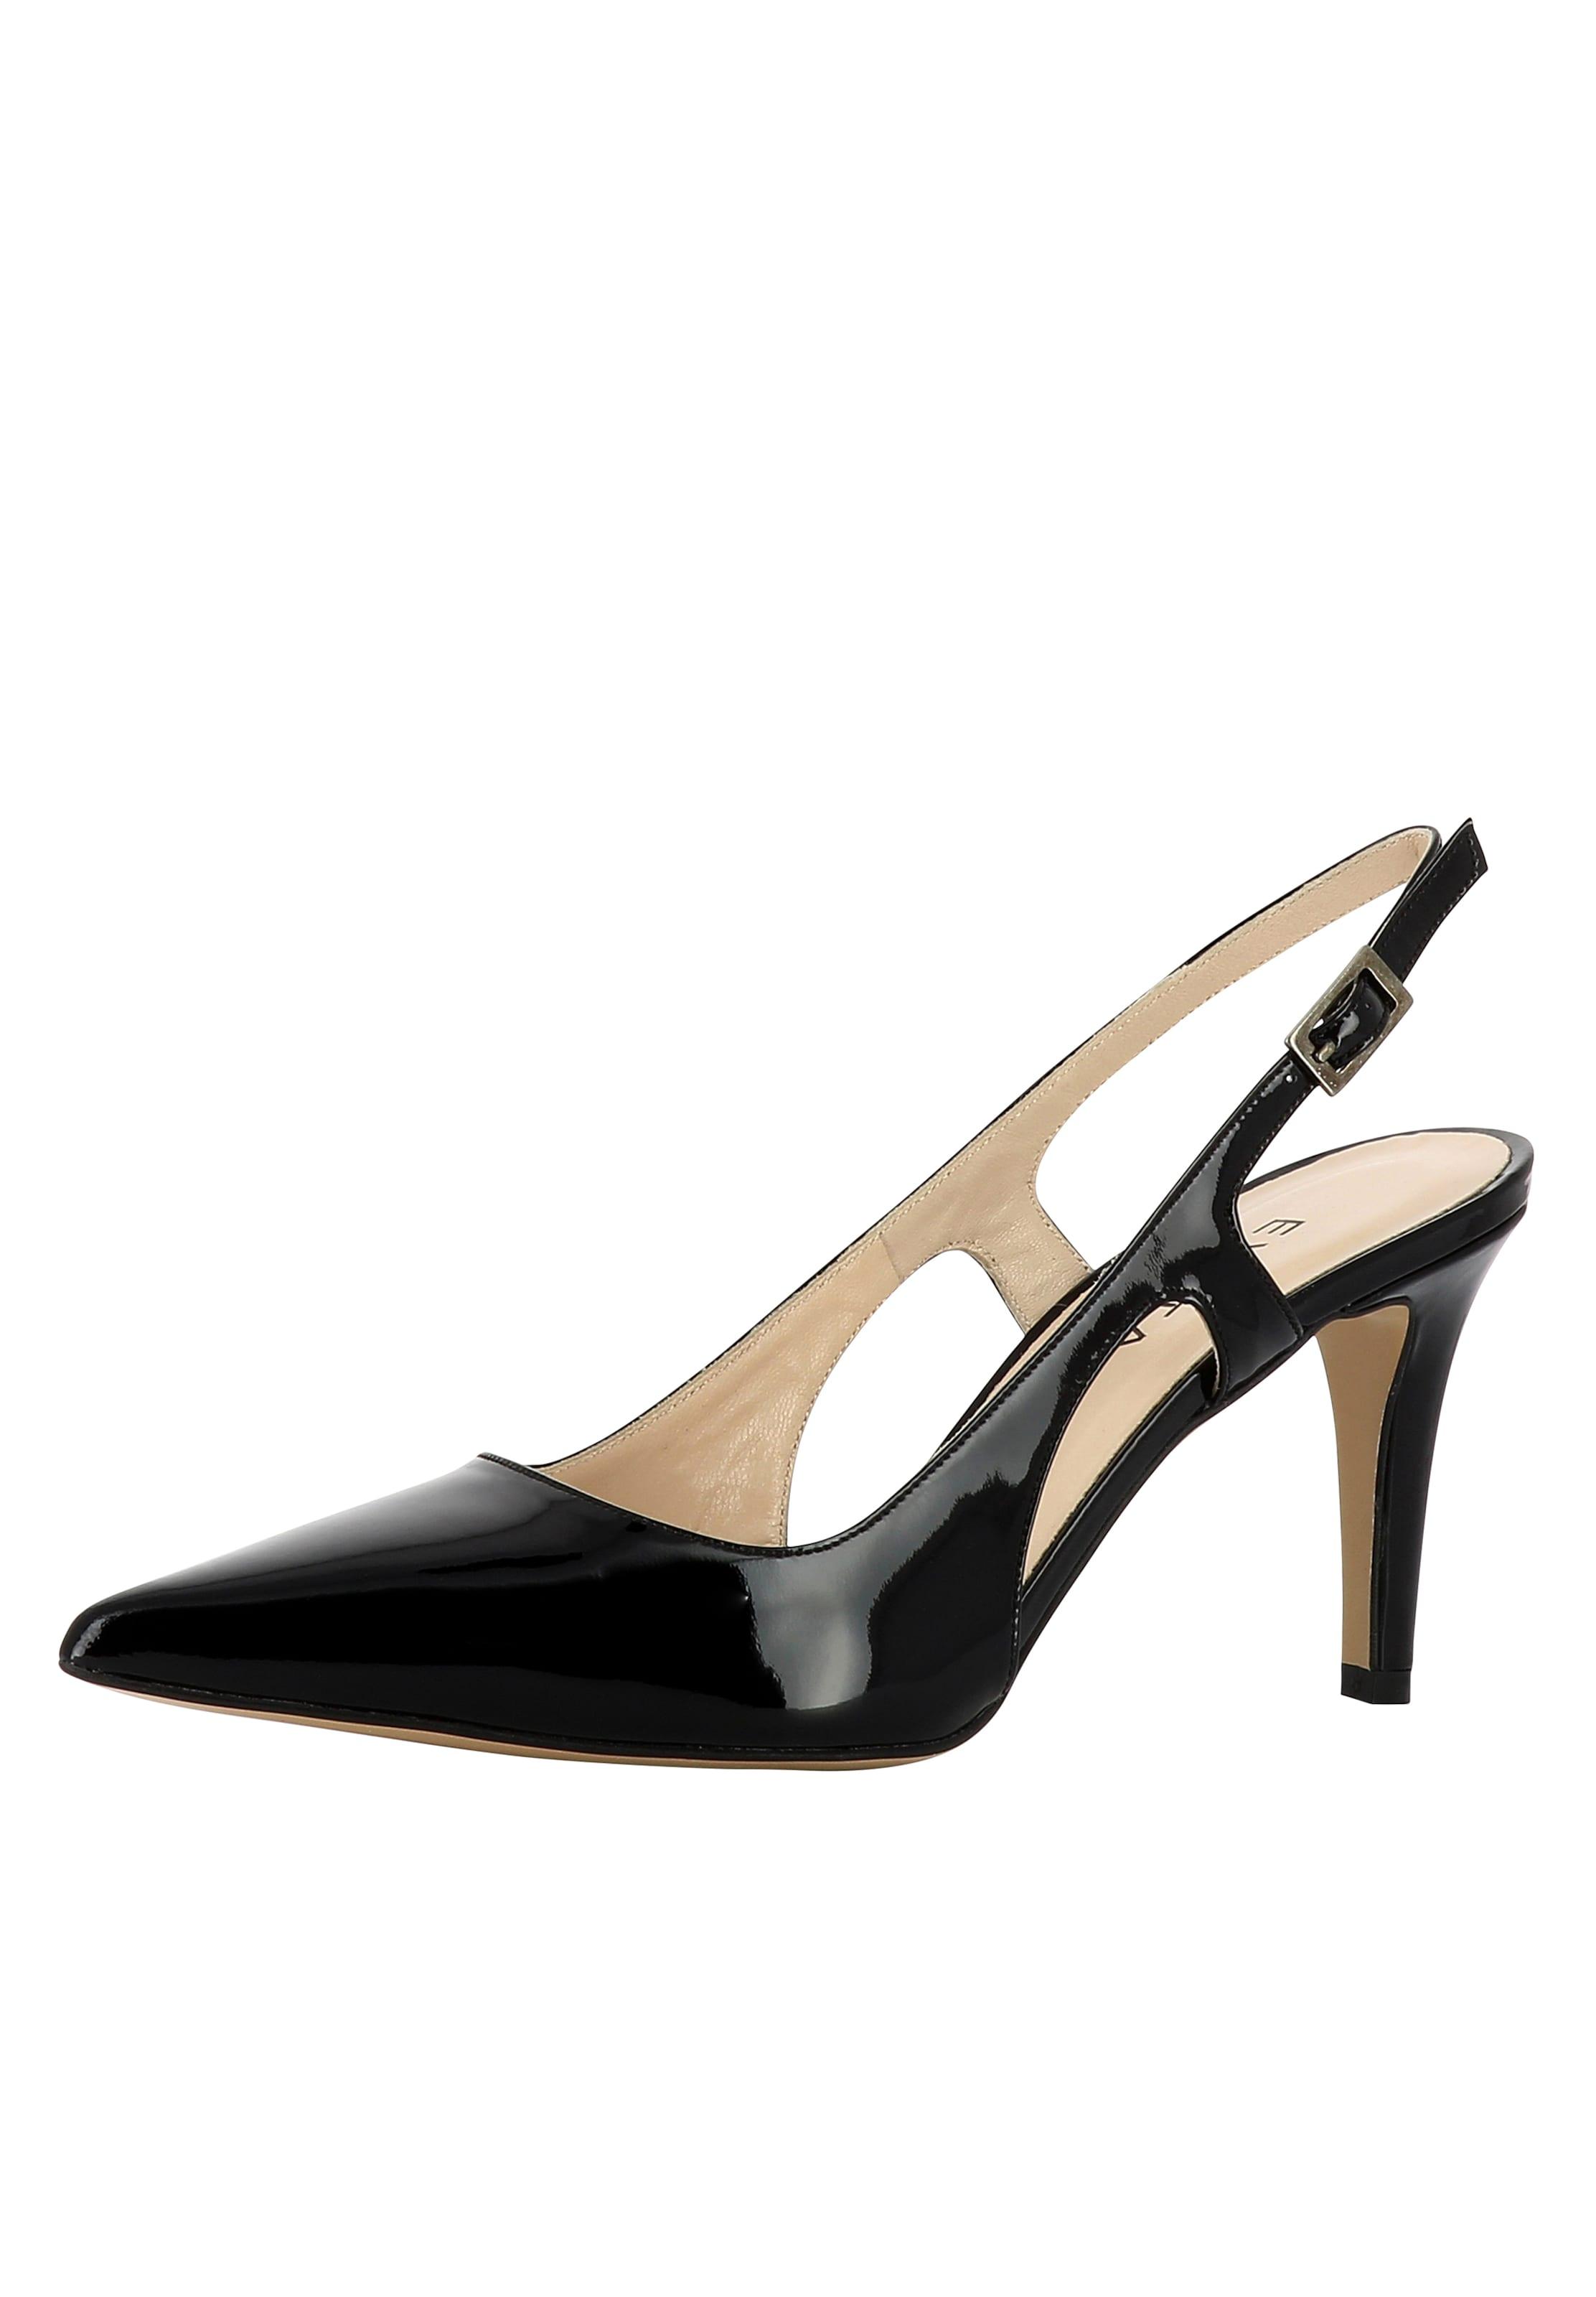 EVITA Damen Sling Pumps Günstige und langlebige Schuhe